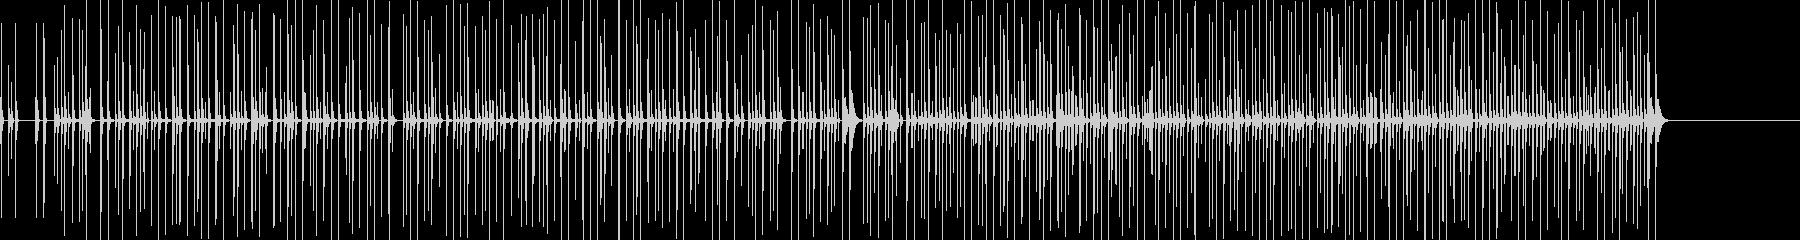 手拍子: 爽快なポリリズムの未再生の波形